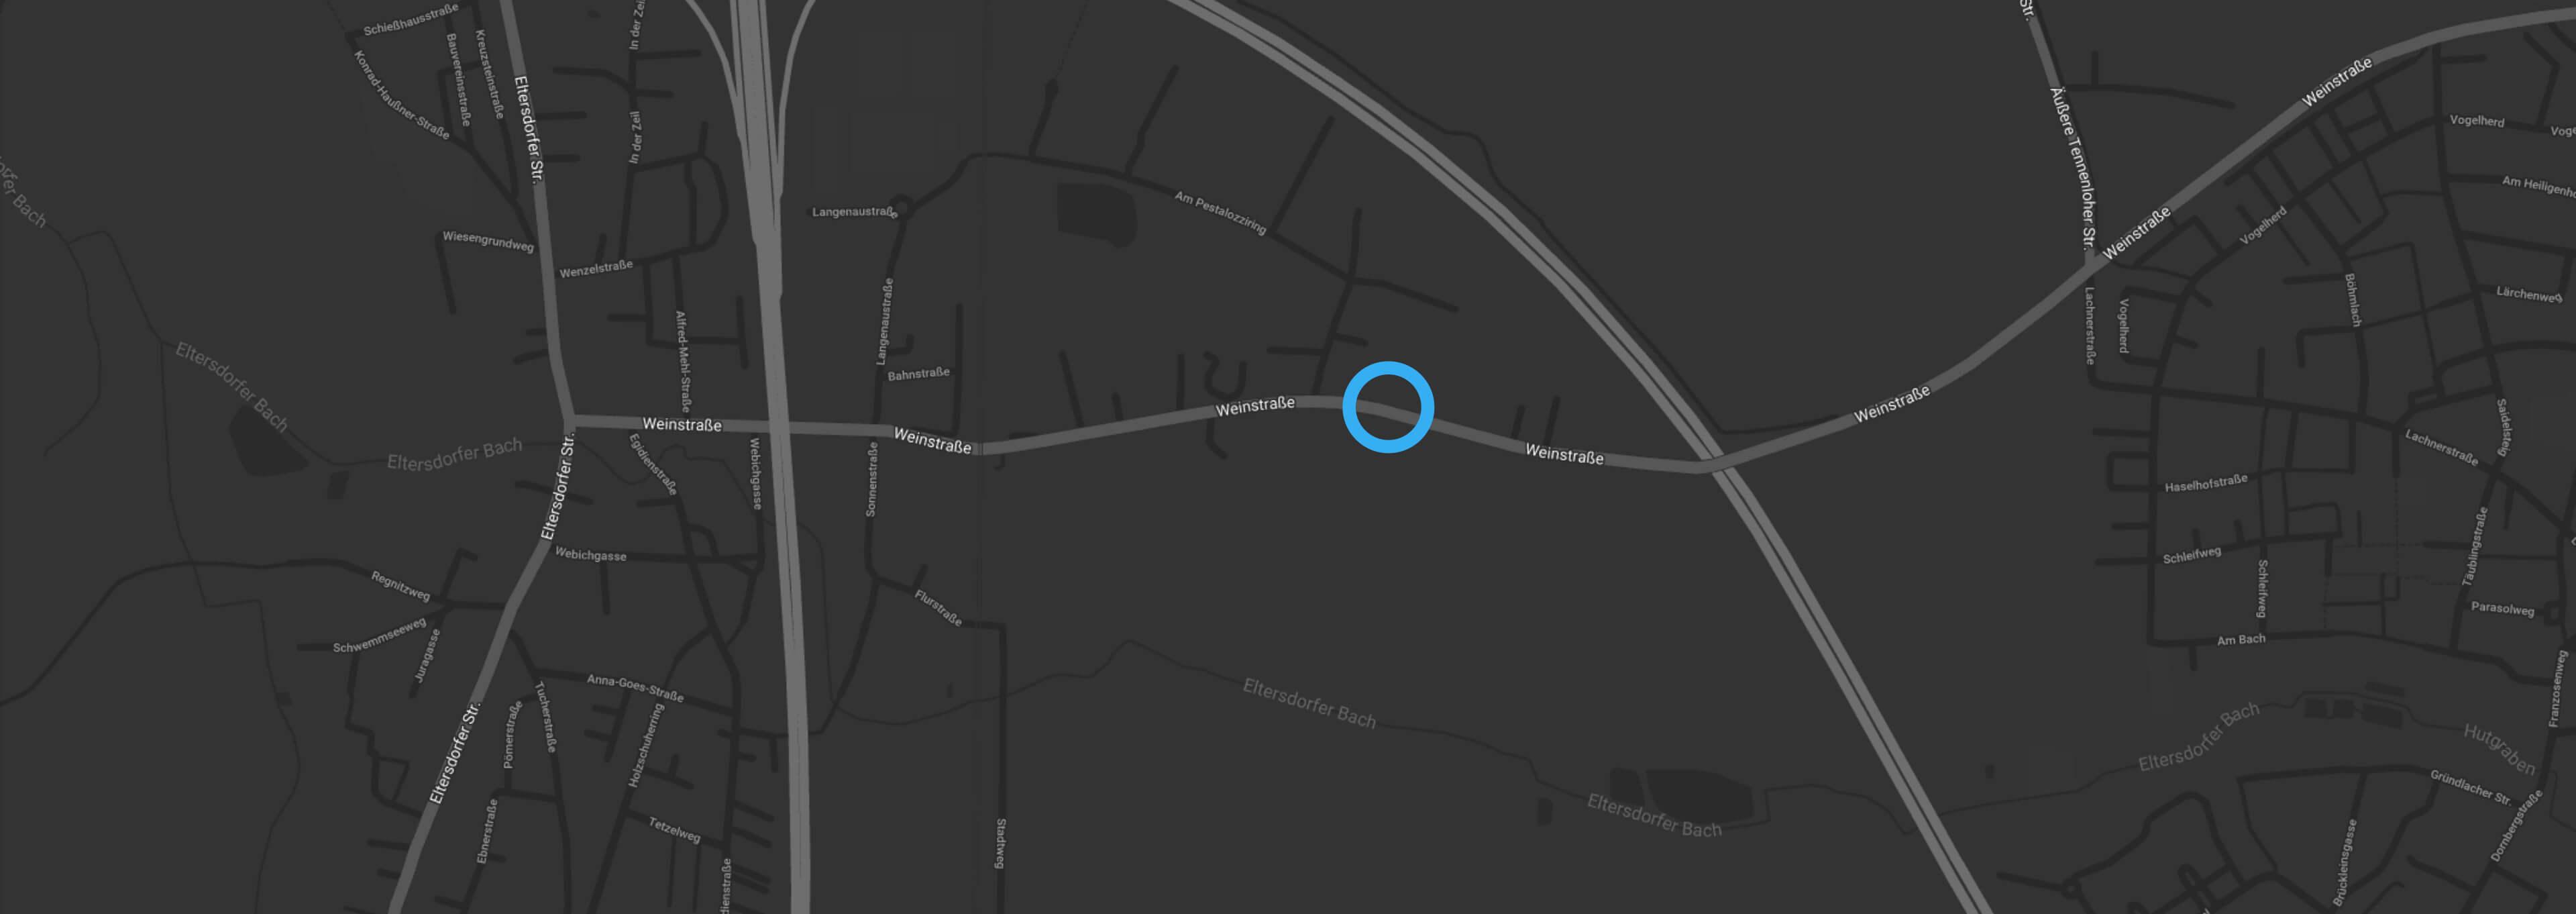 Standort von DEFACTO auf der Karte